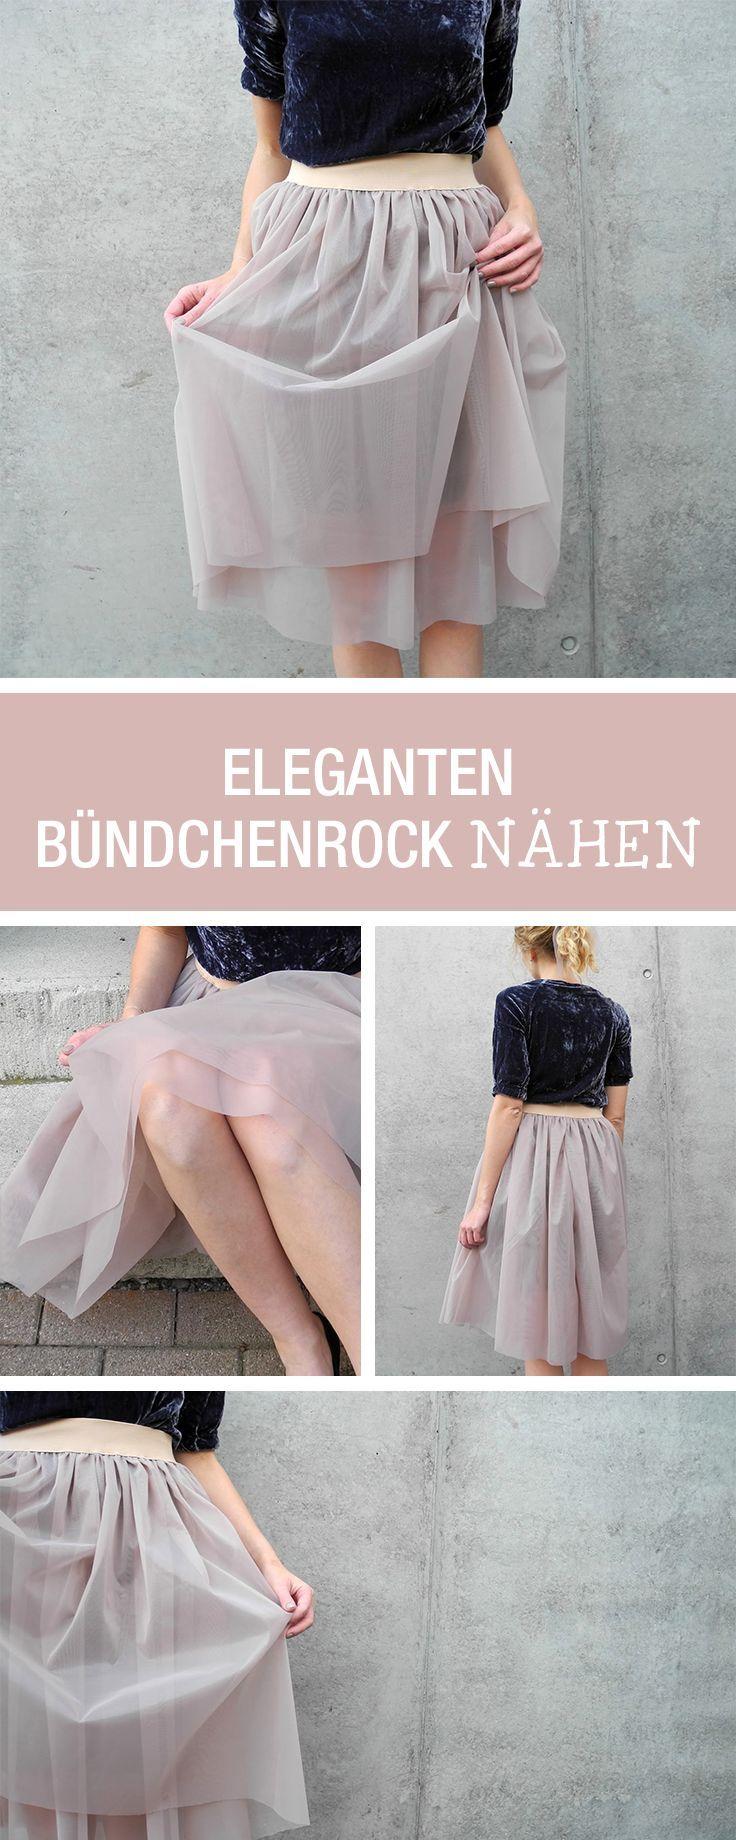 DIY-Anleitung: Bündchenrock nähen via DaWanda.com